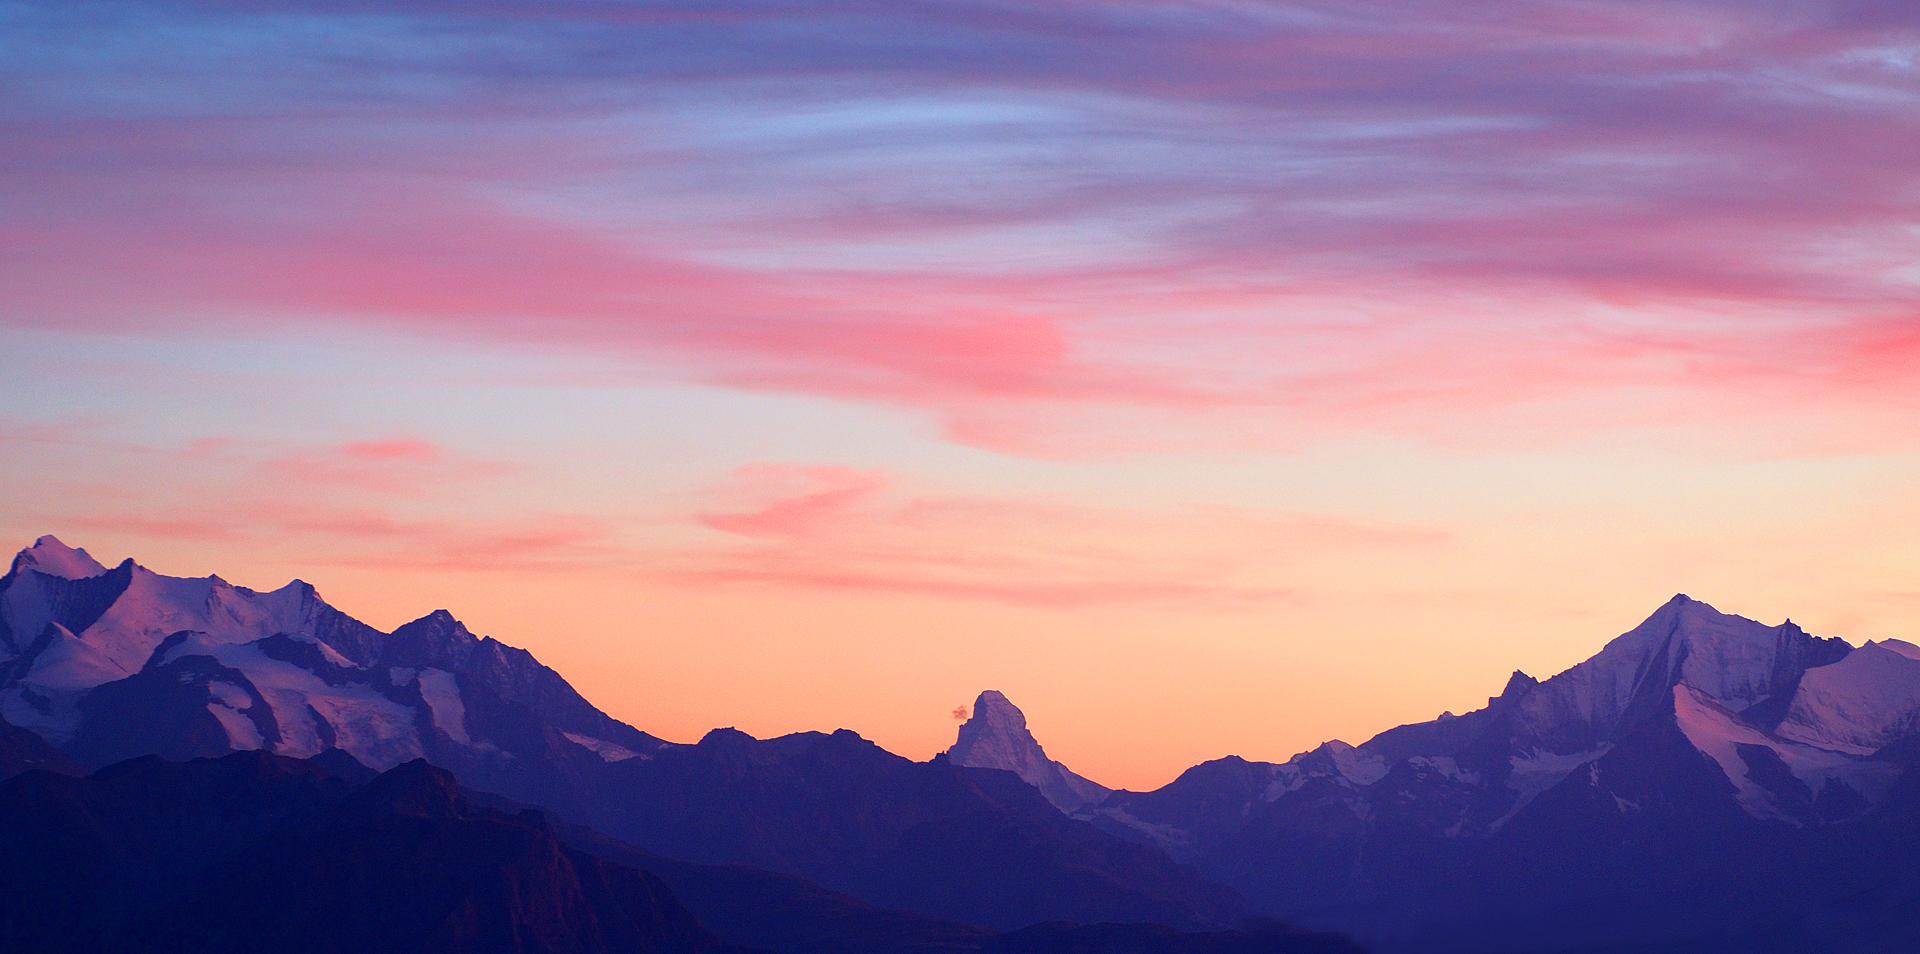 Matterhorn_Morgenstimmung